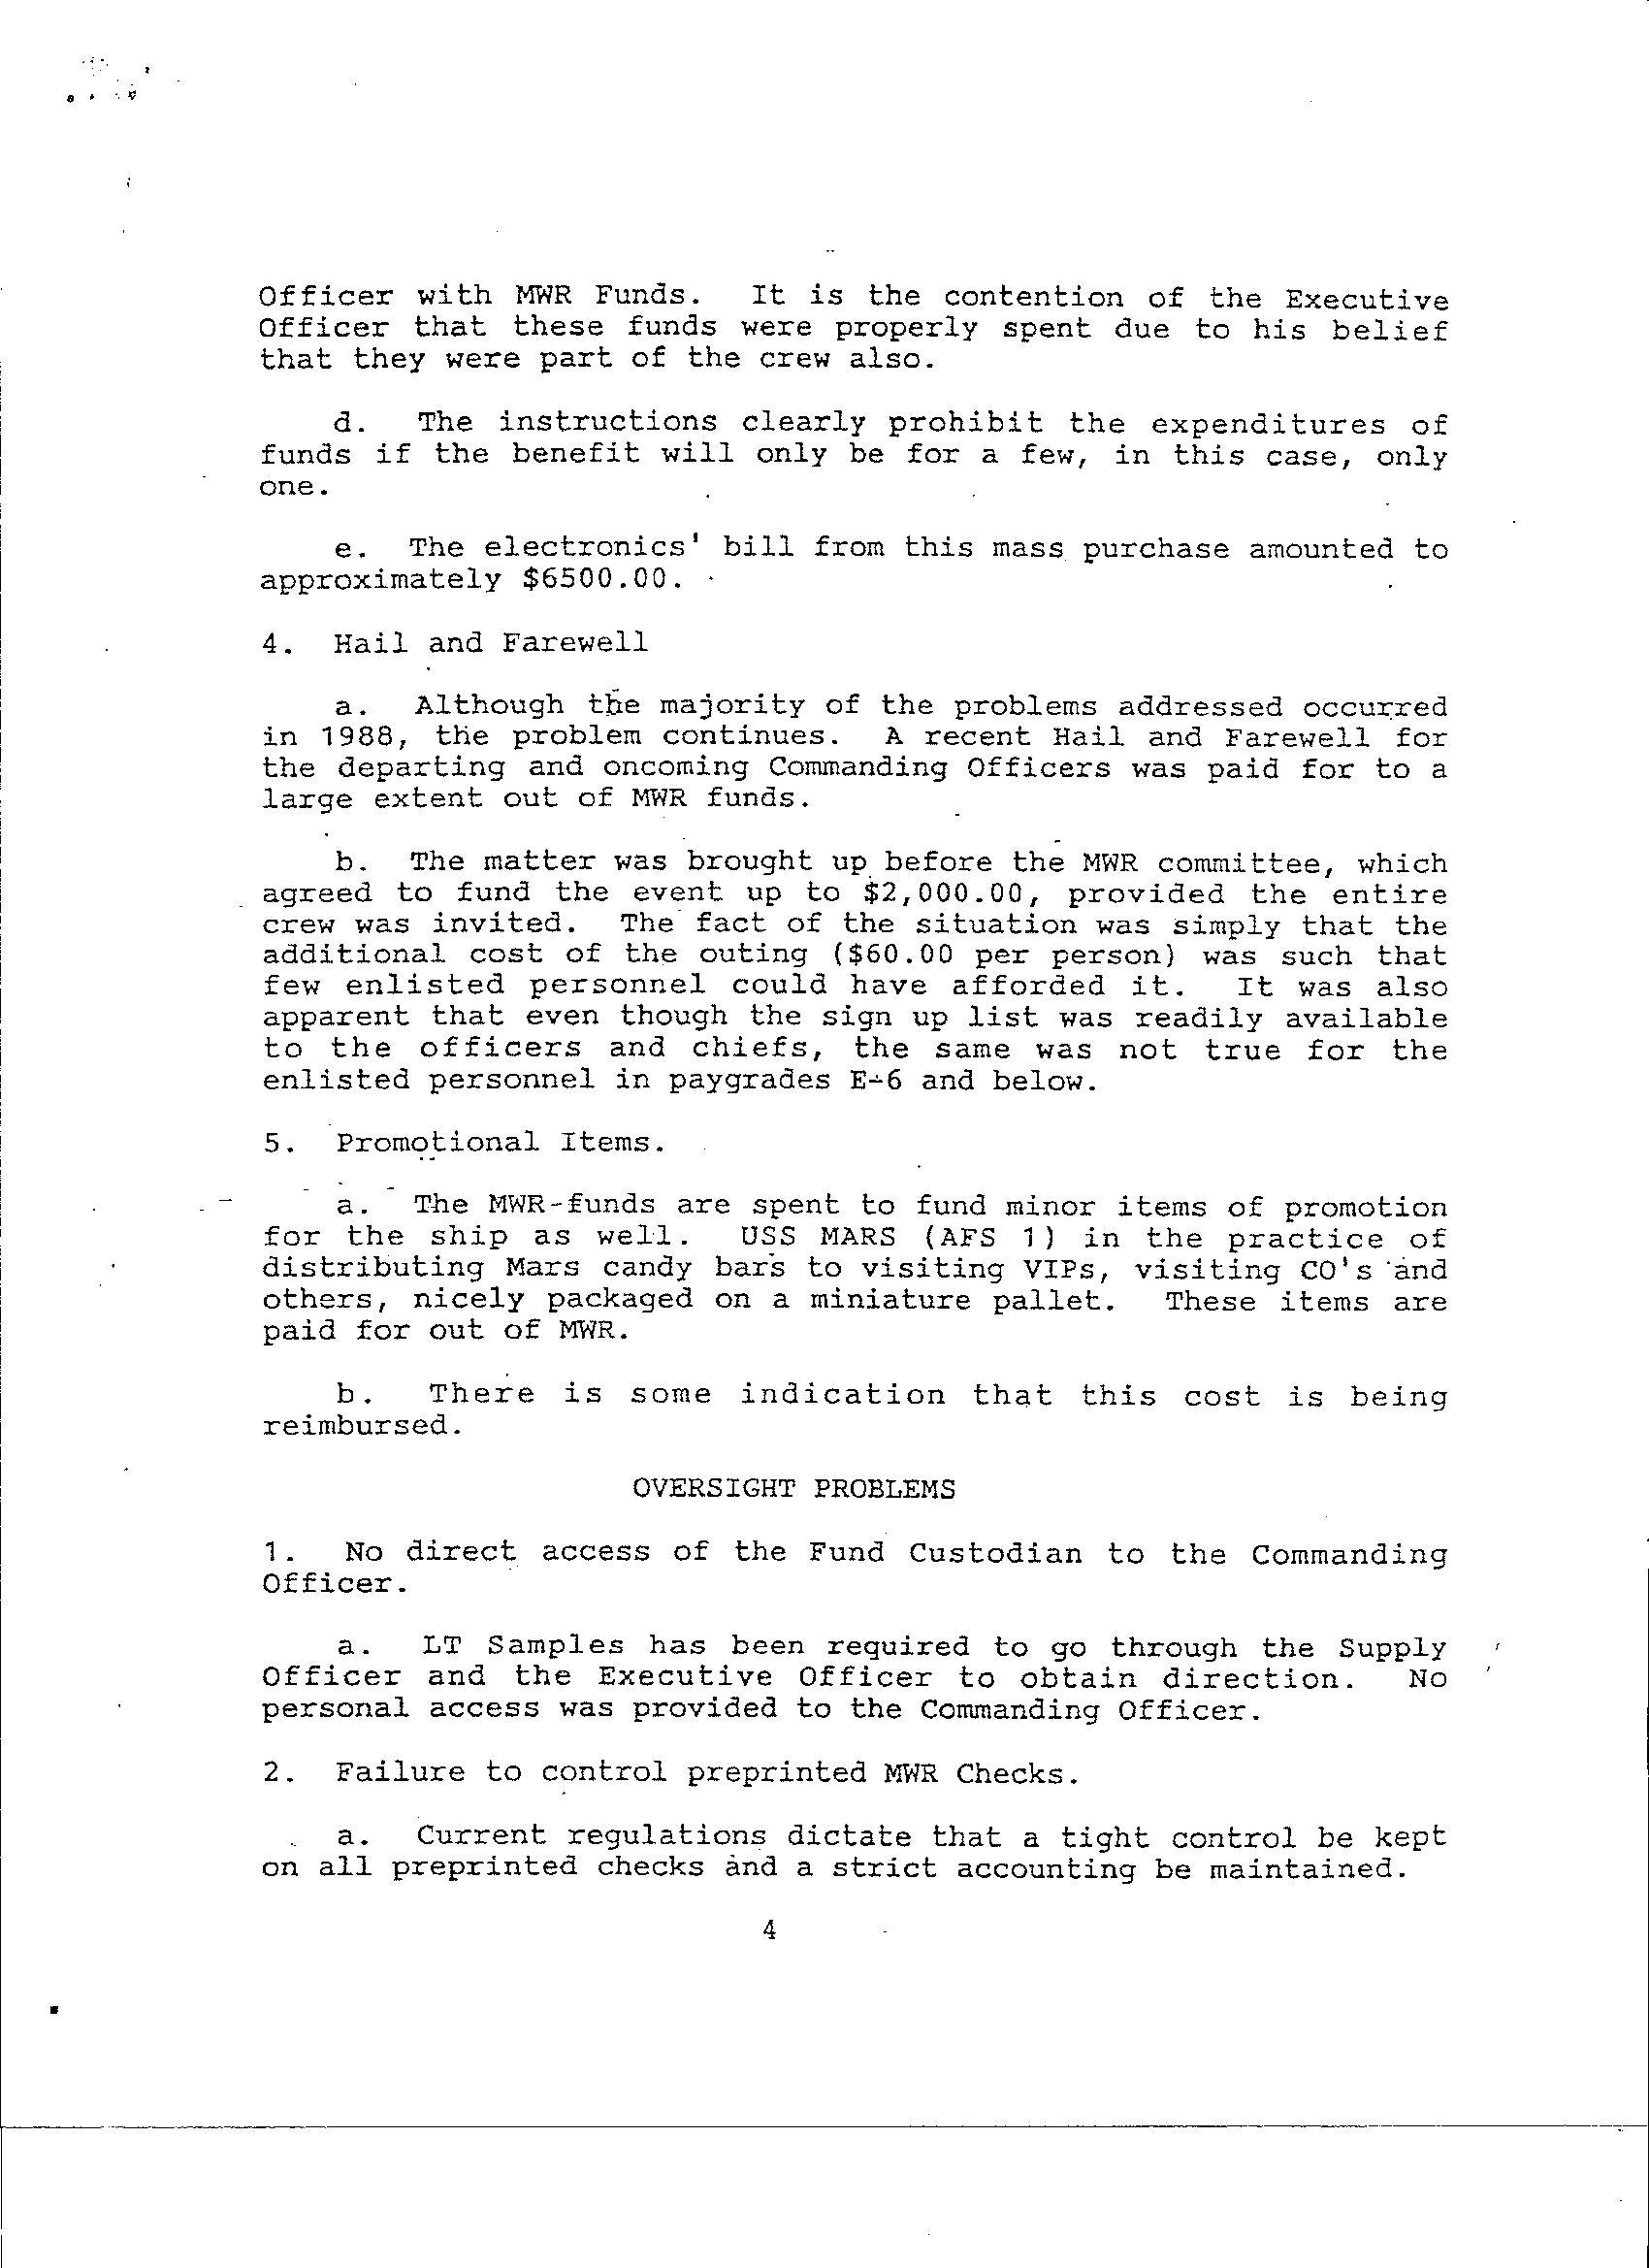 Zeller 23 October page 4